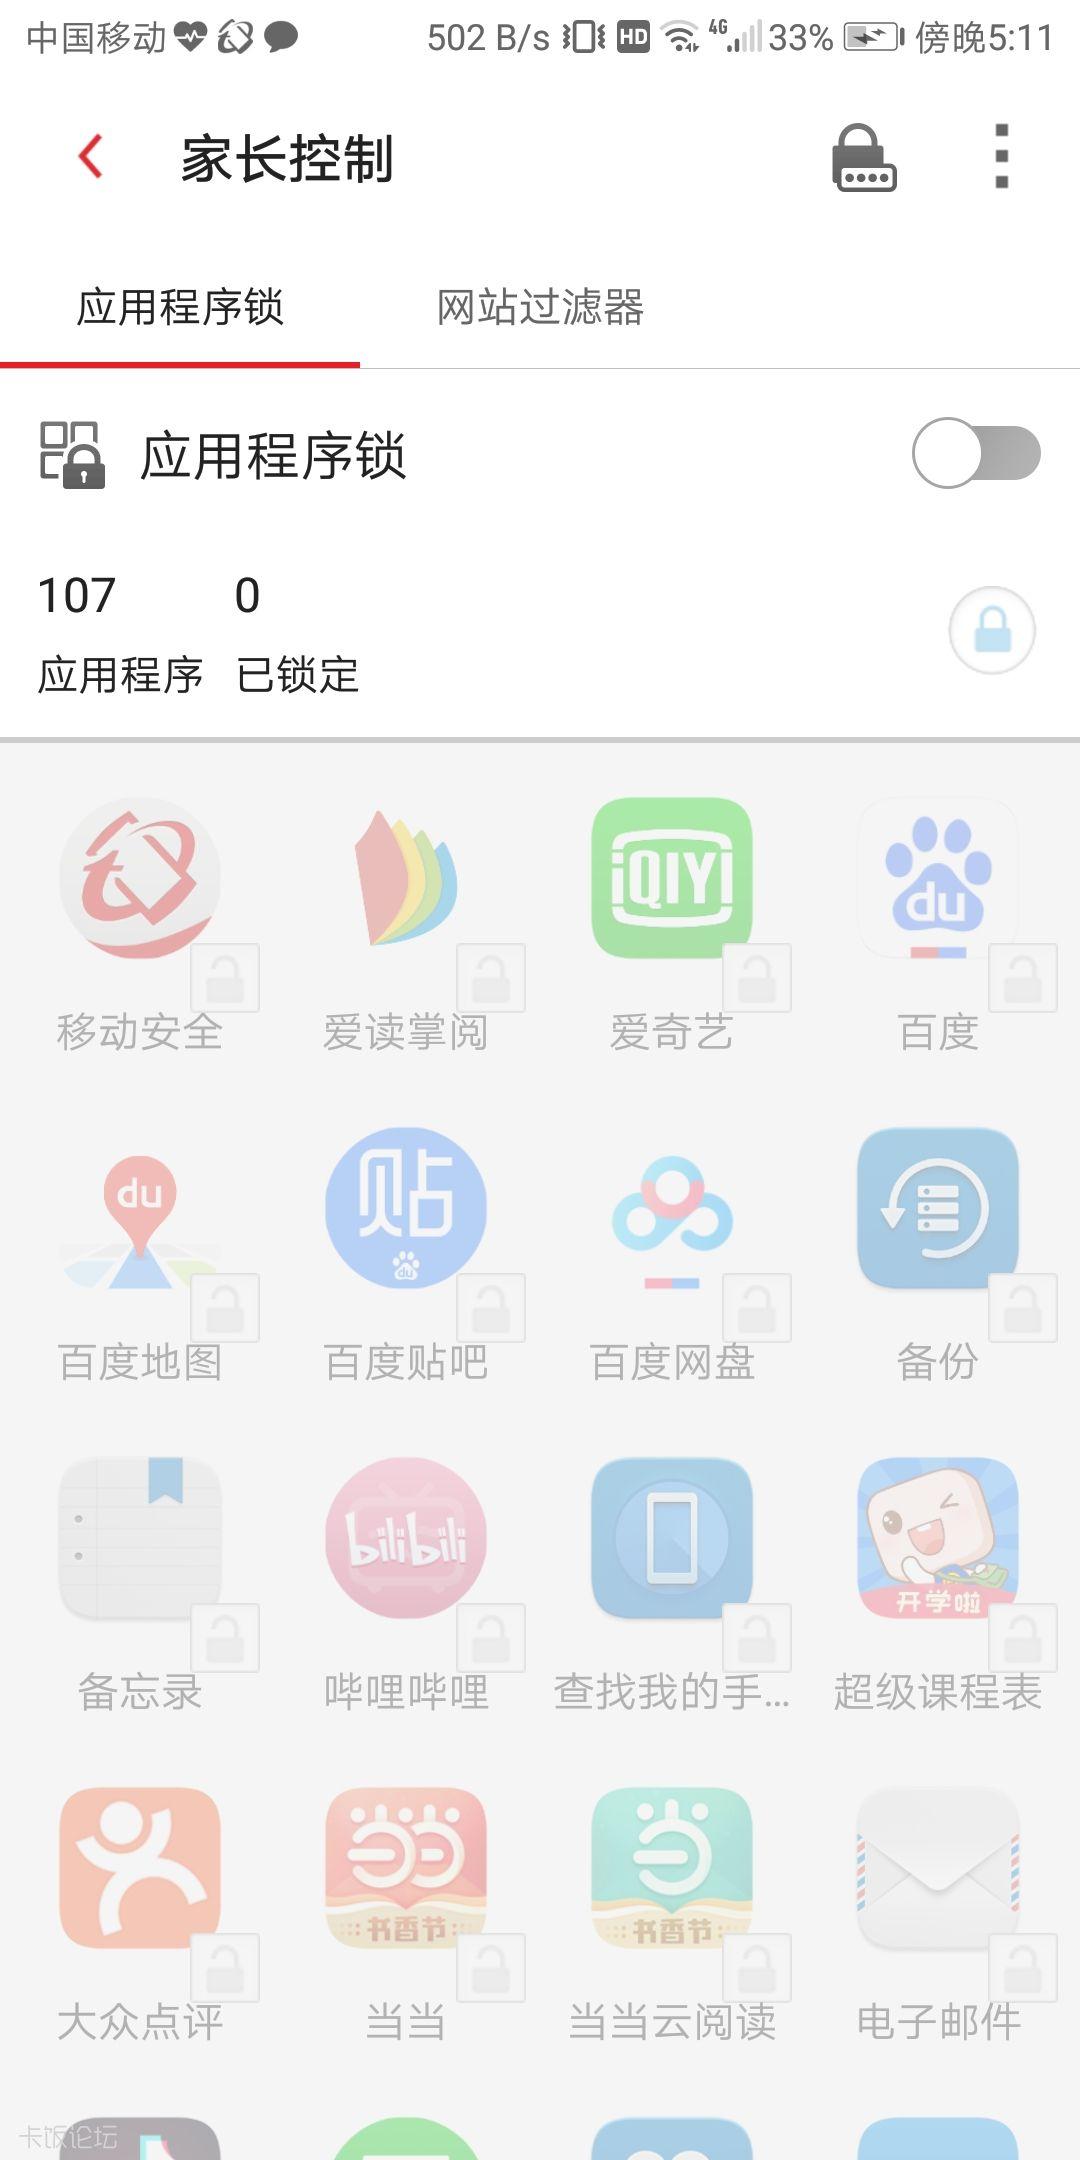 Screenshot_20190423-171102.jpg